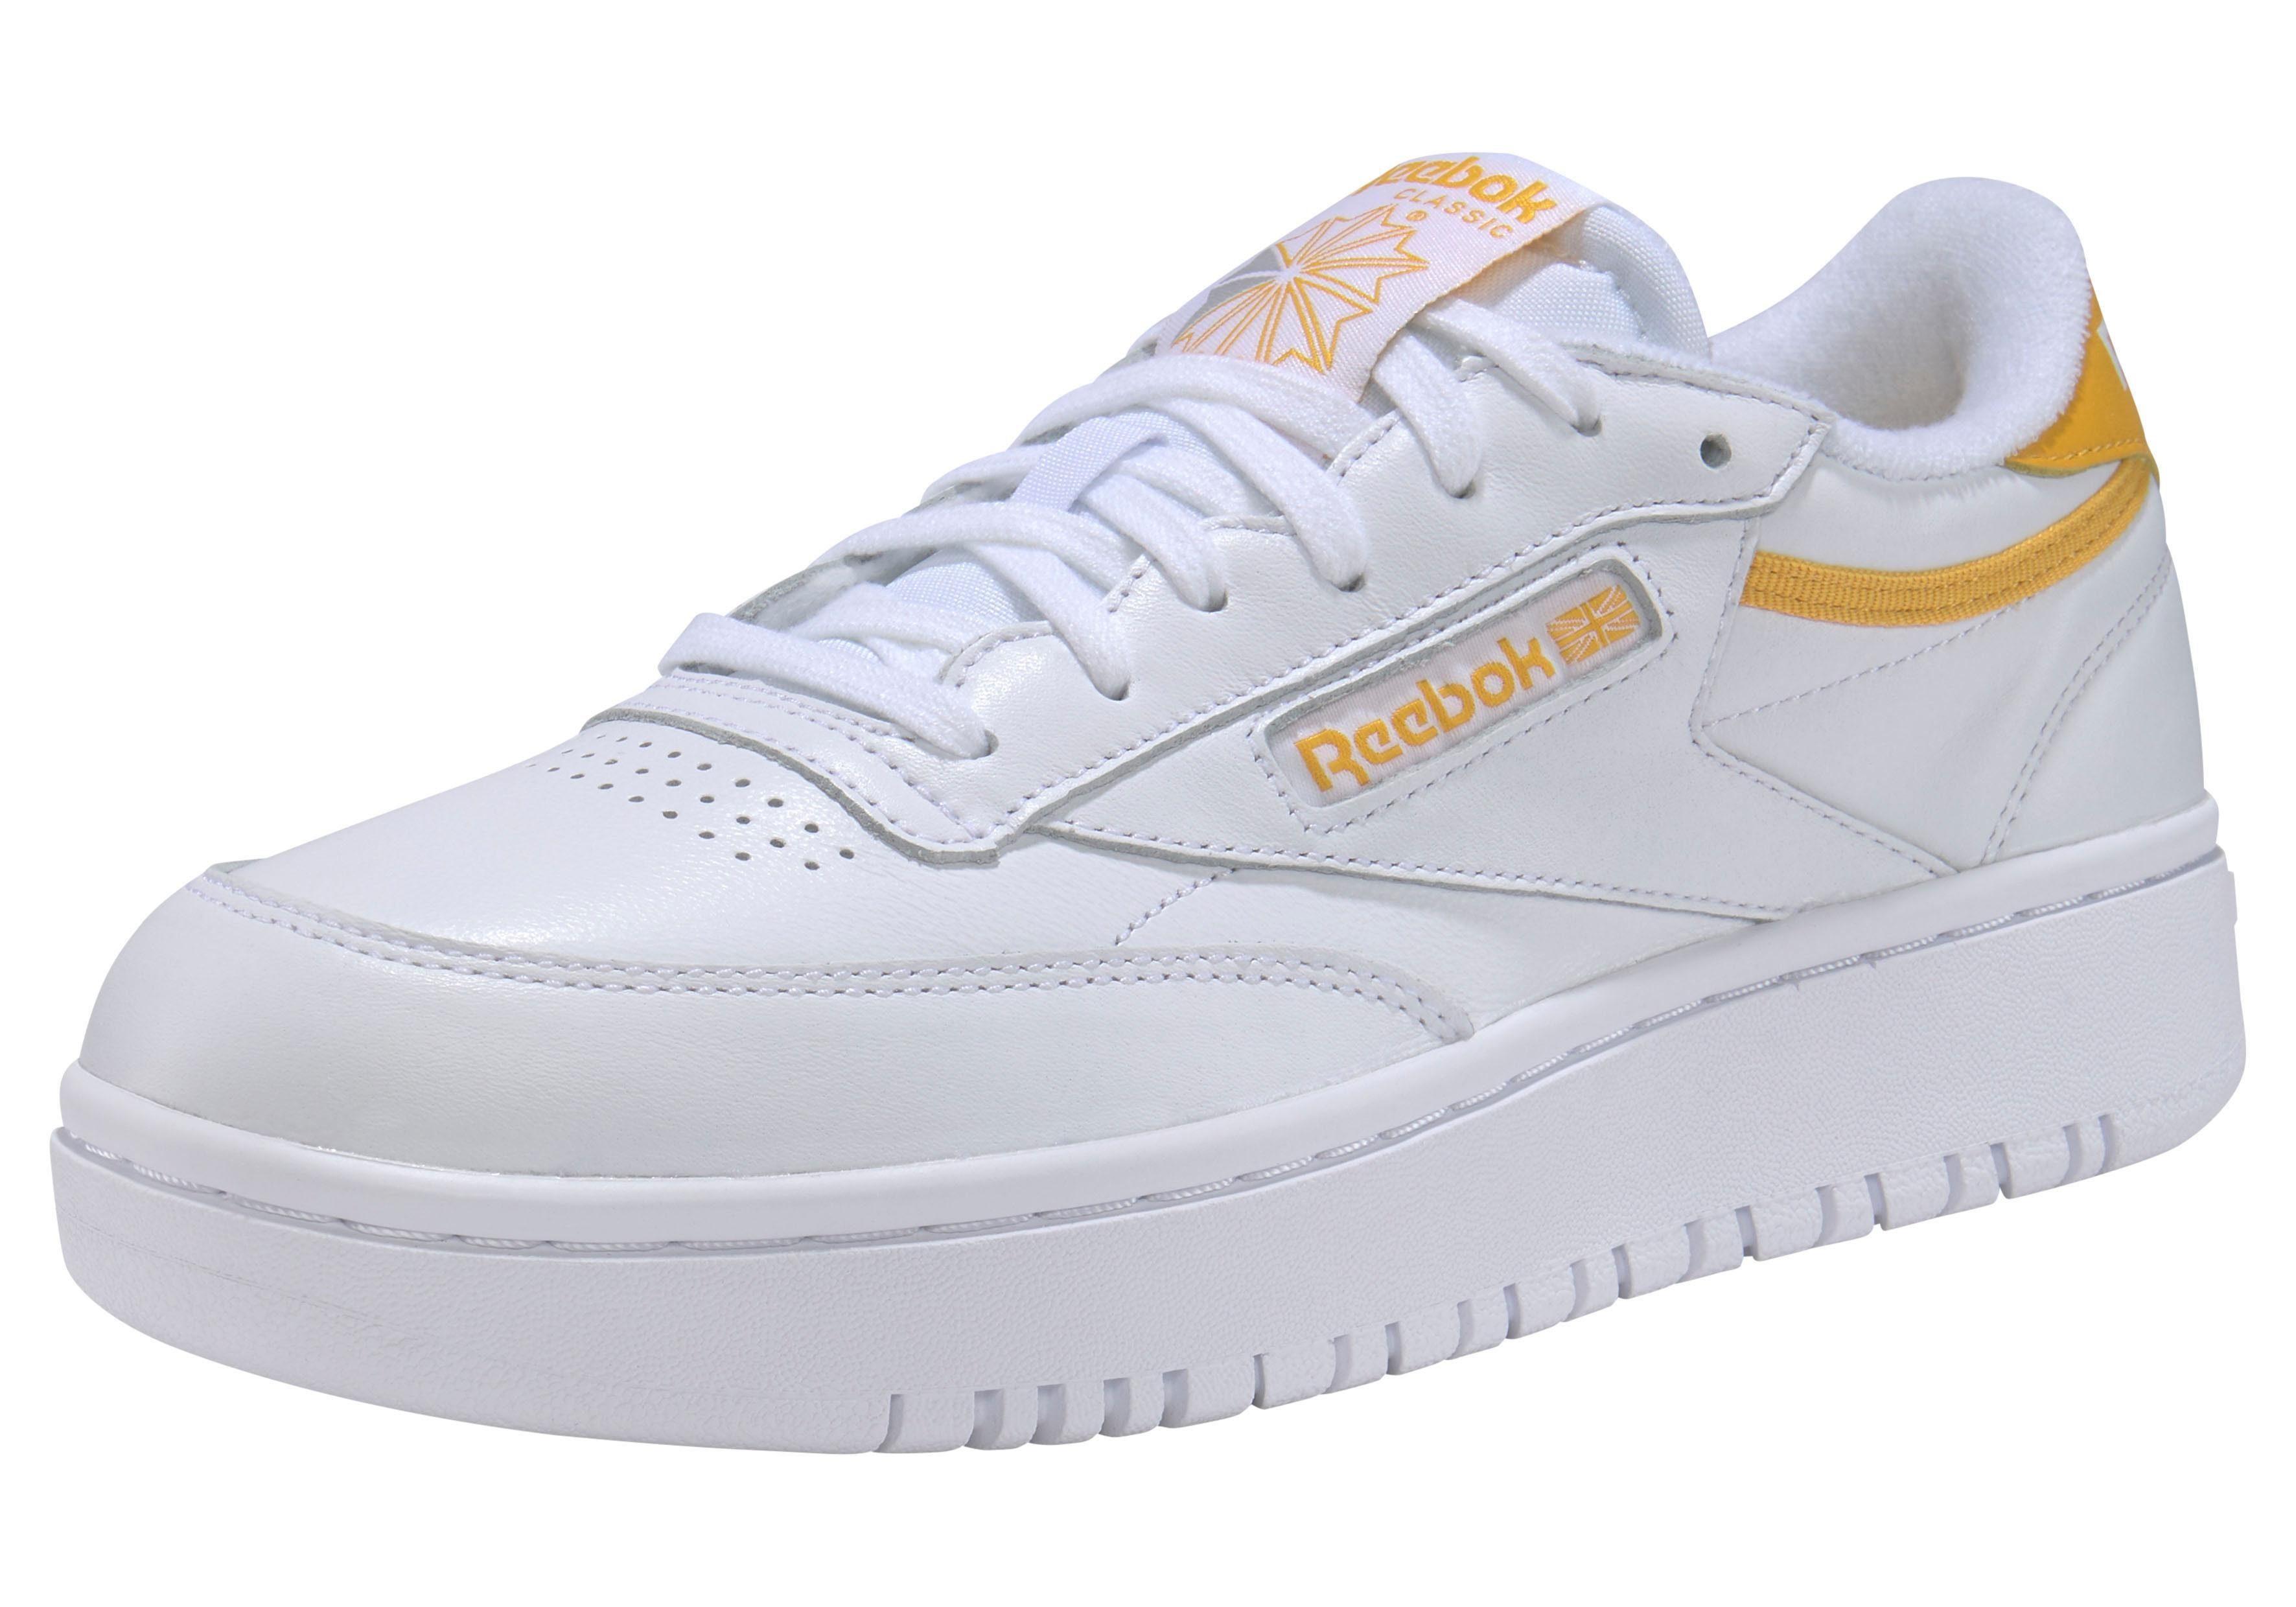 Reebok Classic »CLUB C DOUBLE« Sneaker, Stylischer Sneaker von Reebok online kaufen | OTTO